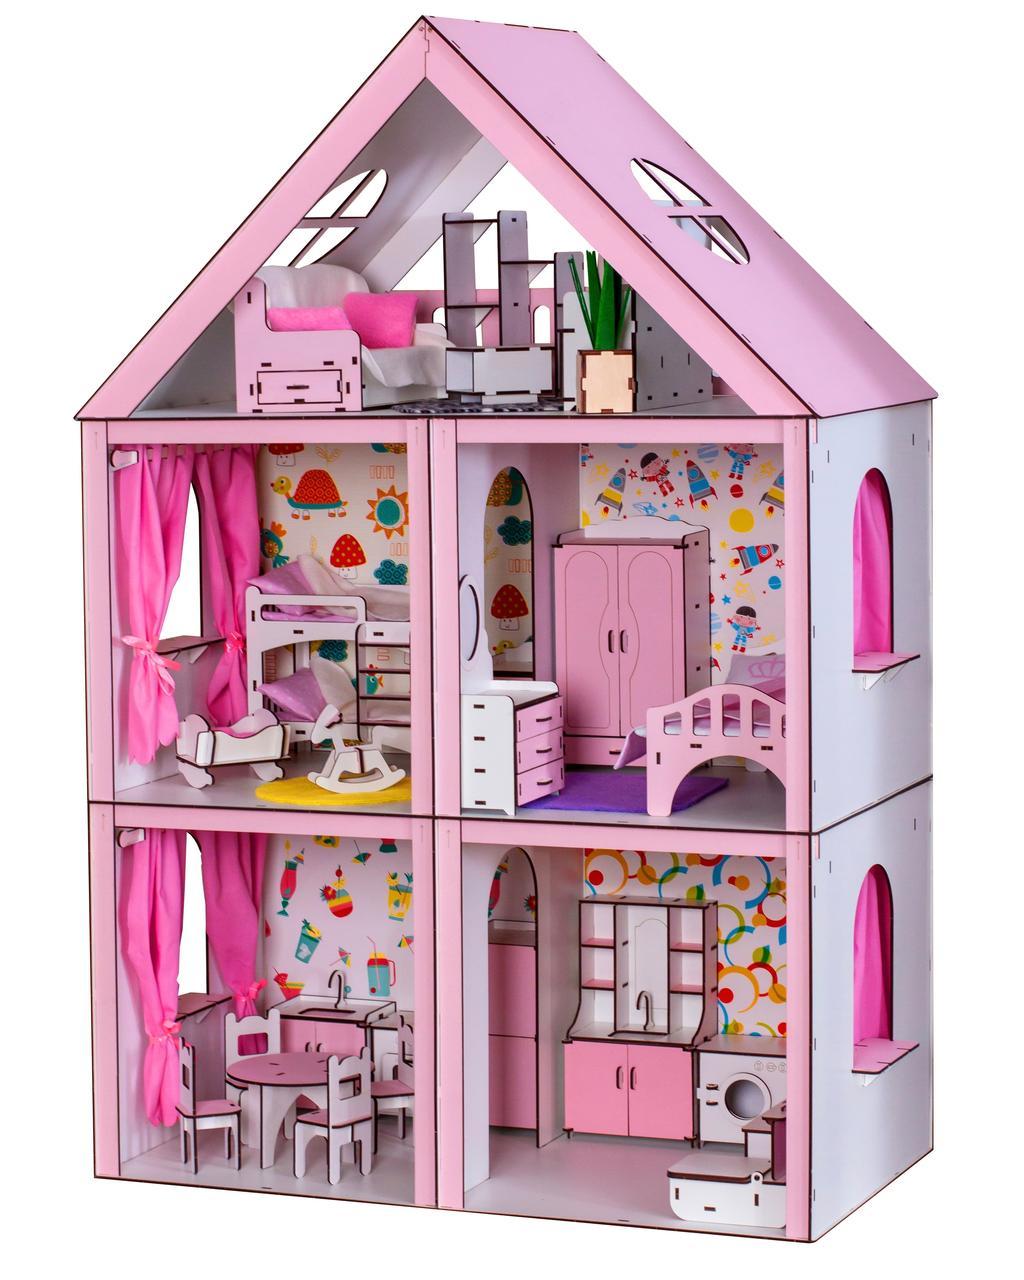 Домики для больших куколДомик «Большой Особняк Барби» + обои + шторки + мебель + текстиль высота этажа - 33 см